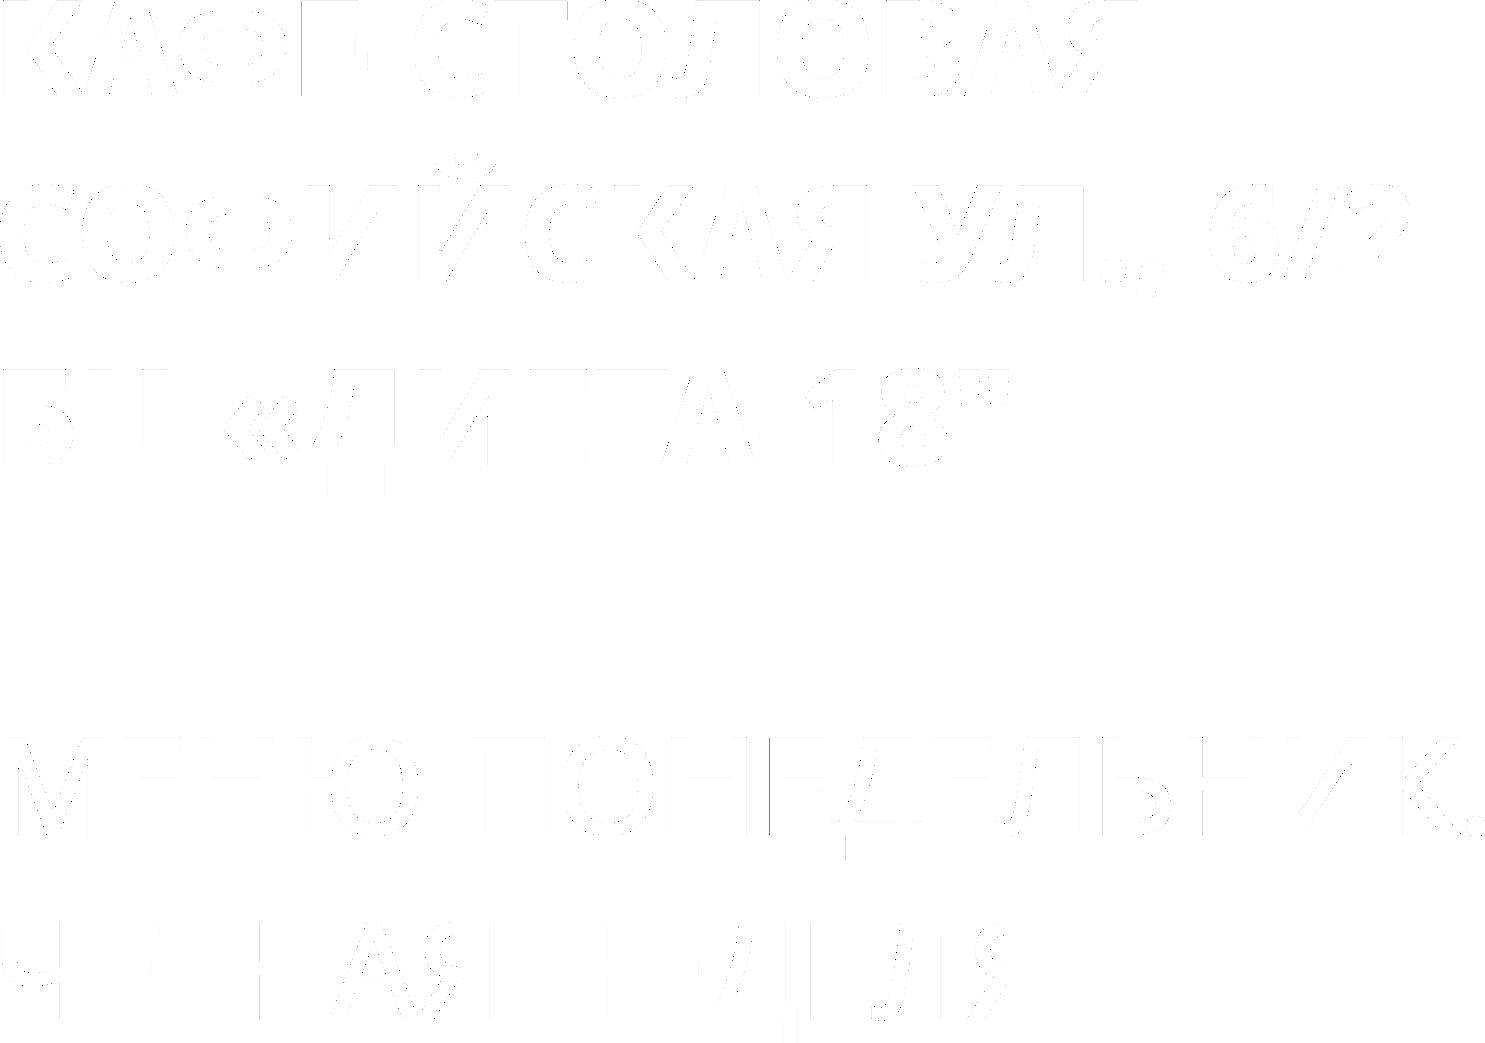 """КАФЕ-СТОЛОВАЯСОФИЙСКАЯ УЛ., 6/2БЦ """"ДИЕТА-18"""" МЕНЮ ПОНЕДЕЛЬНИК. ЧЕТНАЯ НЕДЕЛЯ"""